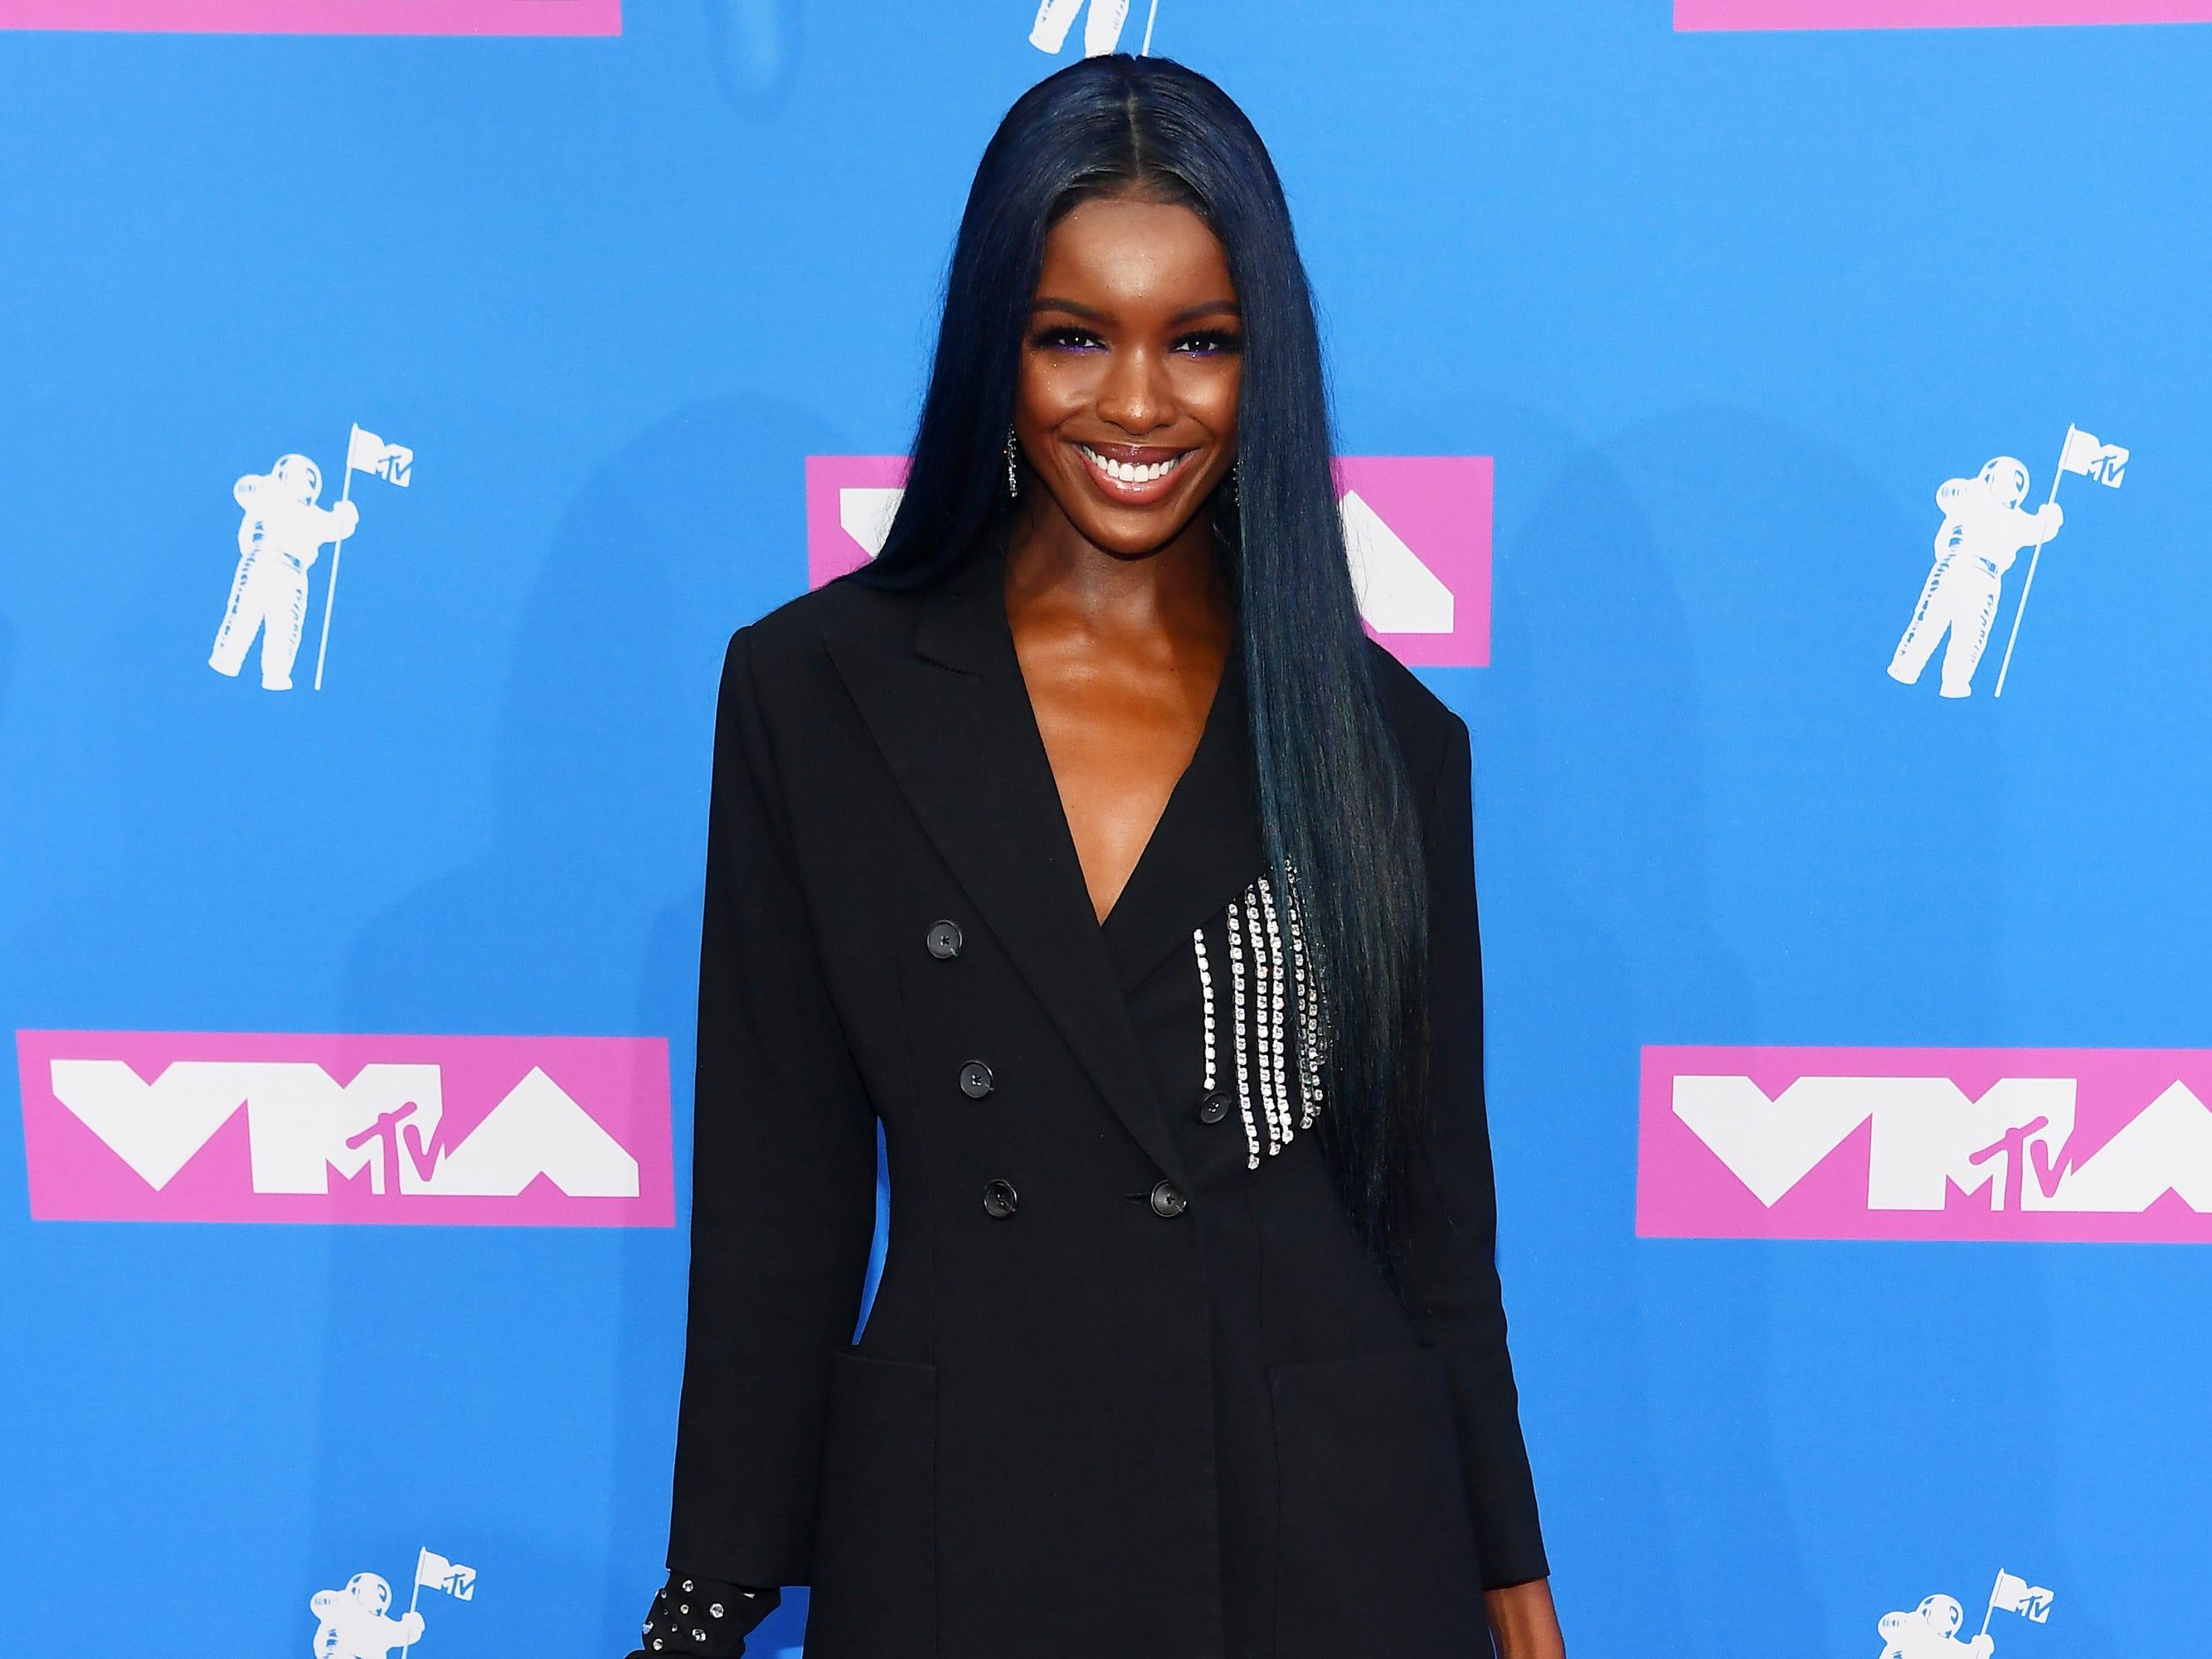 Leomie Anderson asiste a los MTV Video Music Awards 2018 en el Radio City Music Hall el 20 de agosto de 2018 en la ciudad de Nueva York.